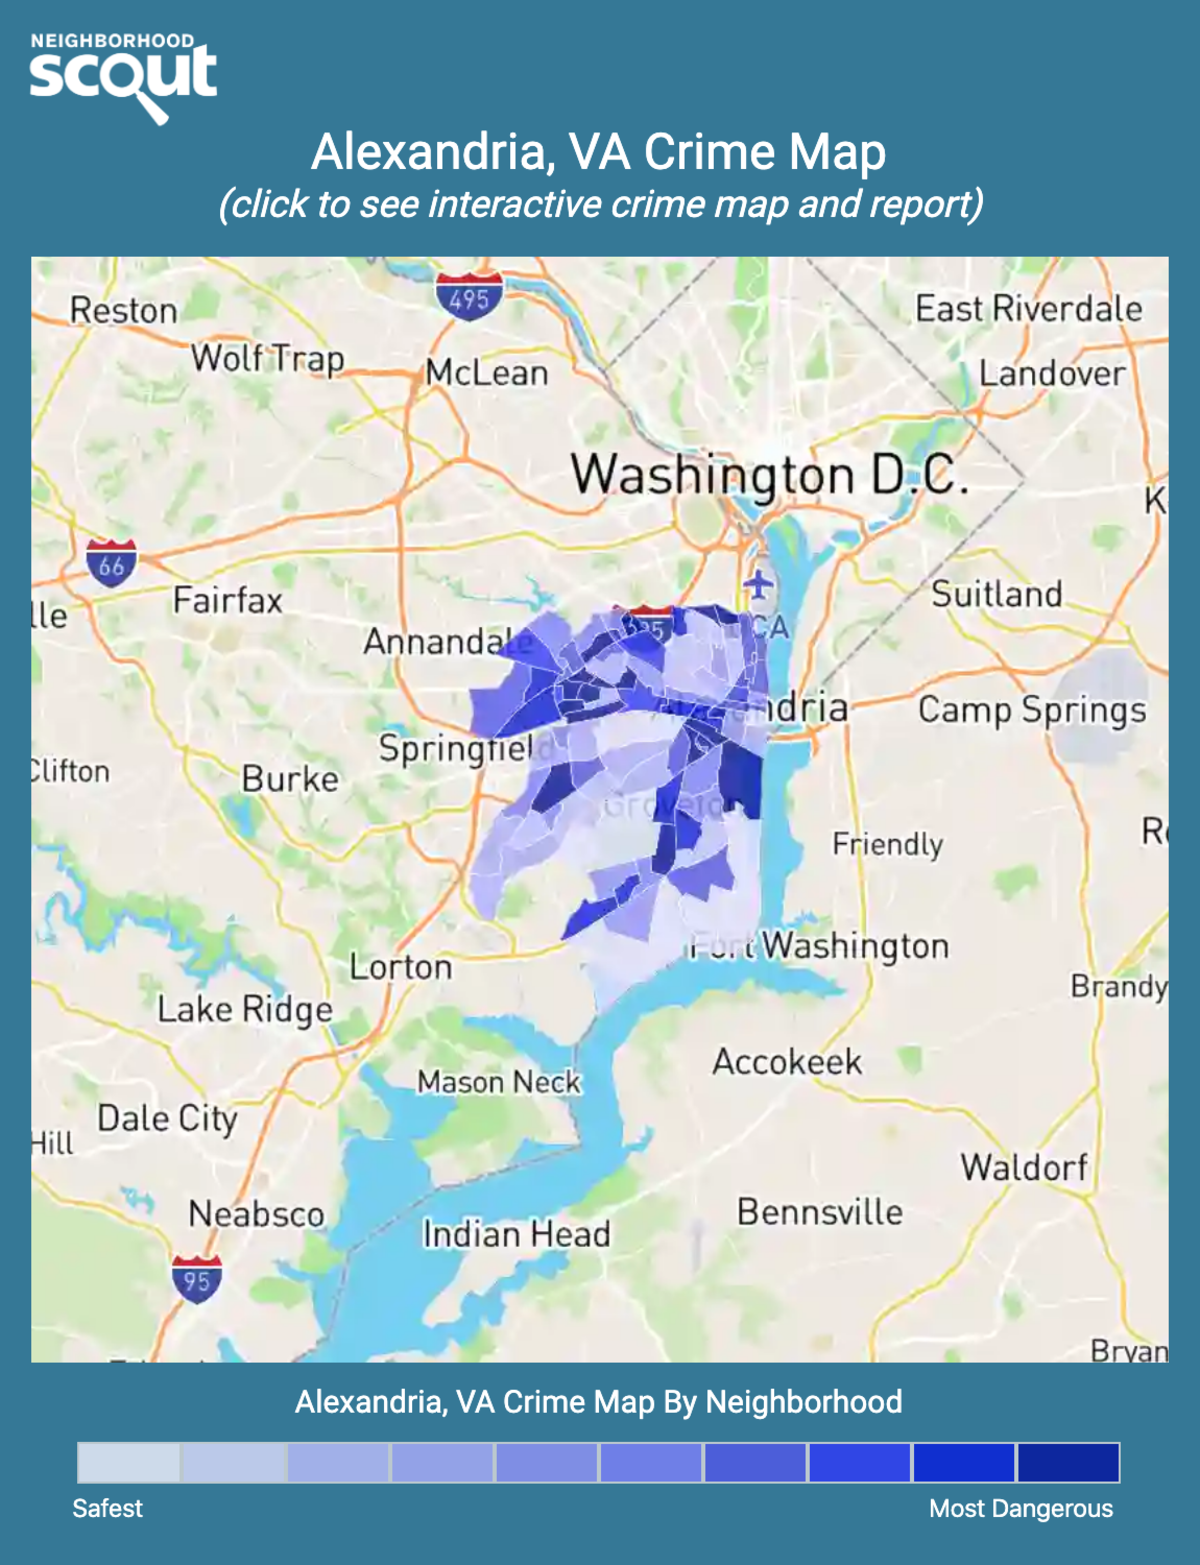 Alexandria, Virginia crime map